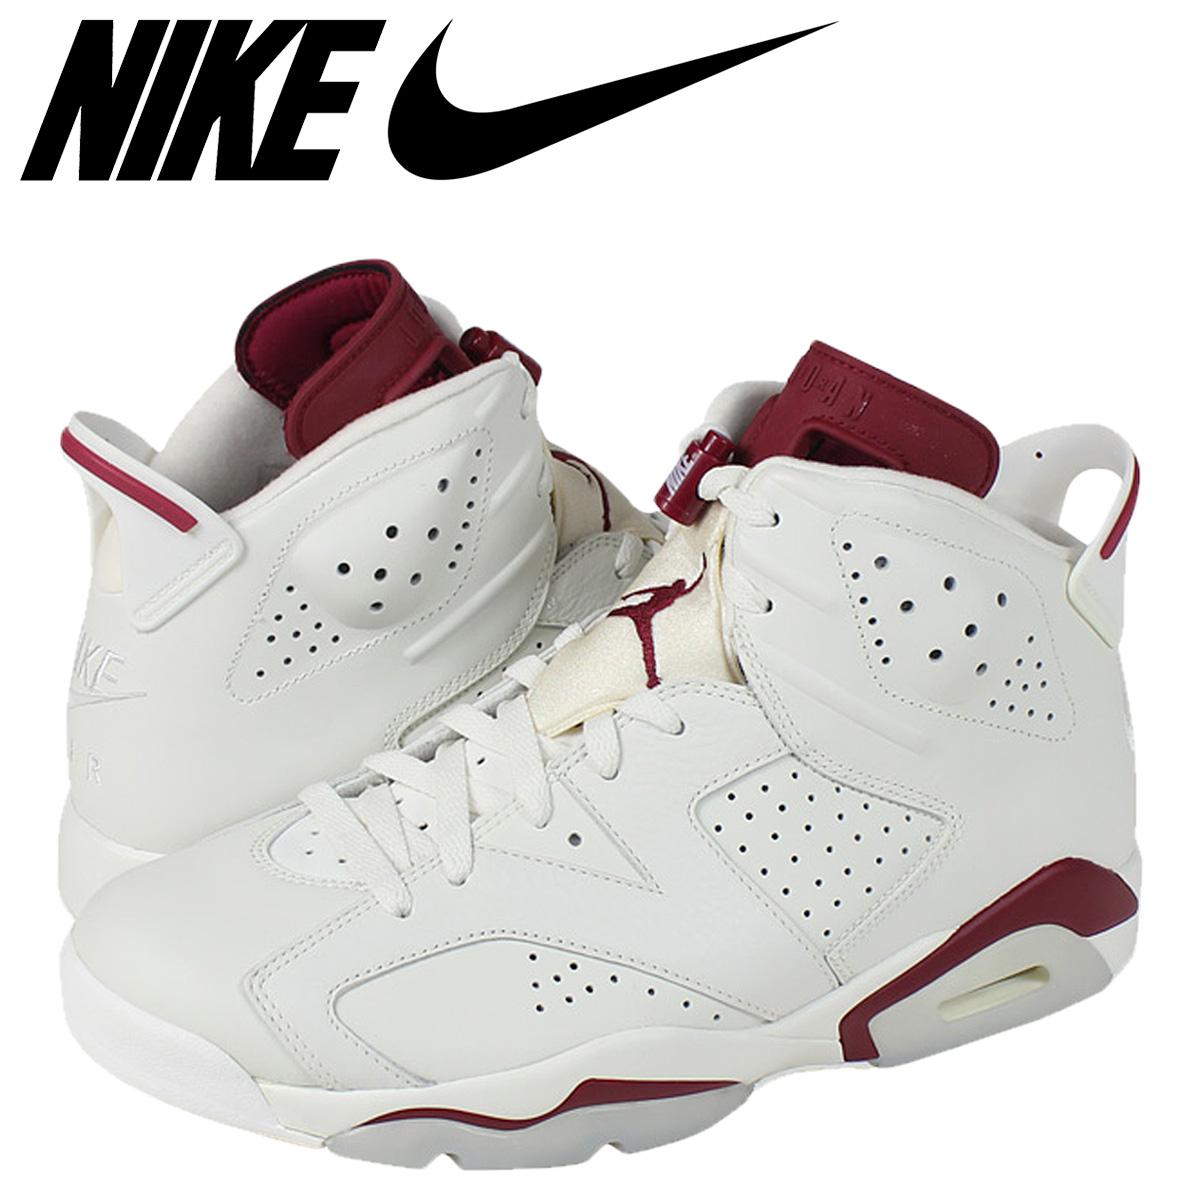 cc8d05e9f470 Nike NIKE Air Jordan sneakers AIR JORDAN 6 RETRO MAROON Air Jordan 6 retro  384664 - 116 off white men